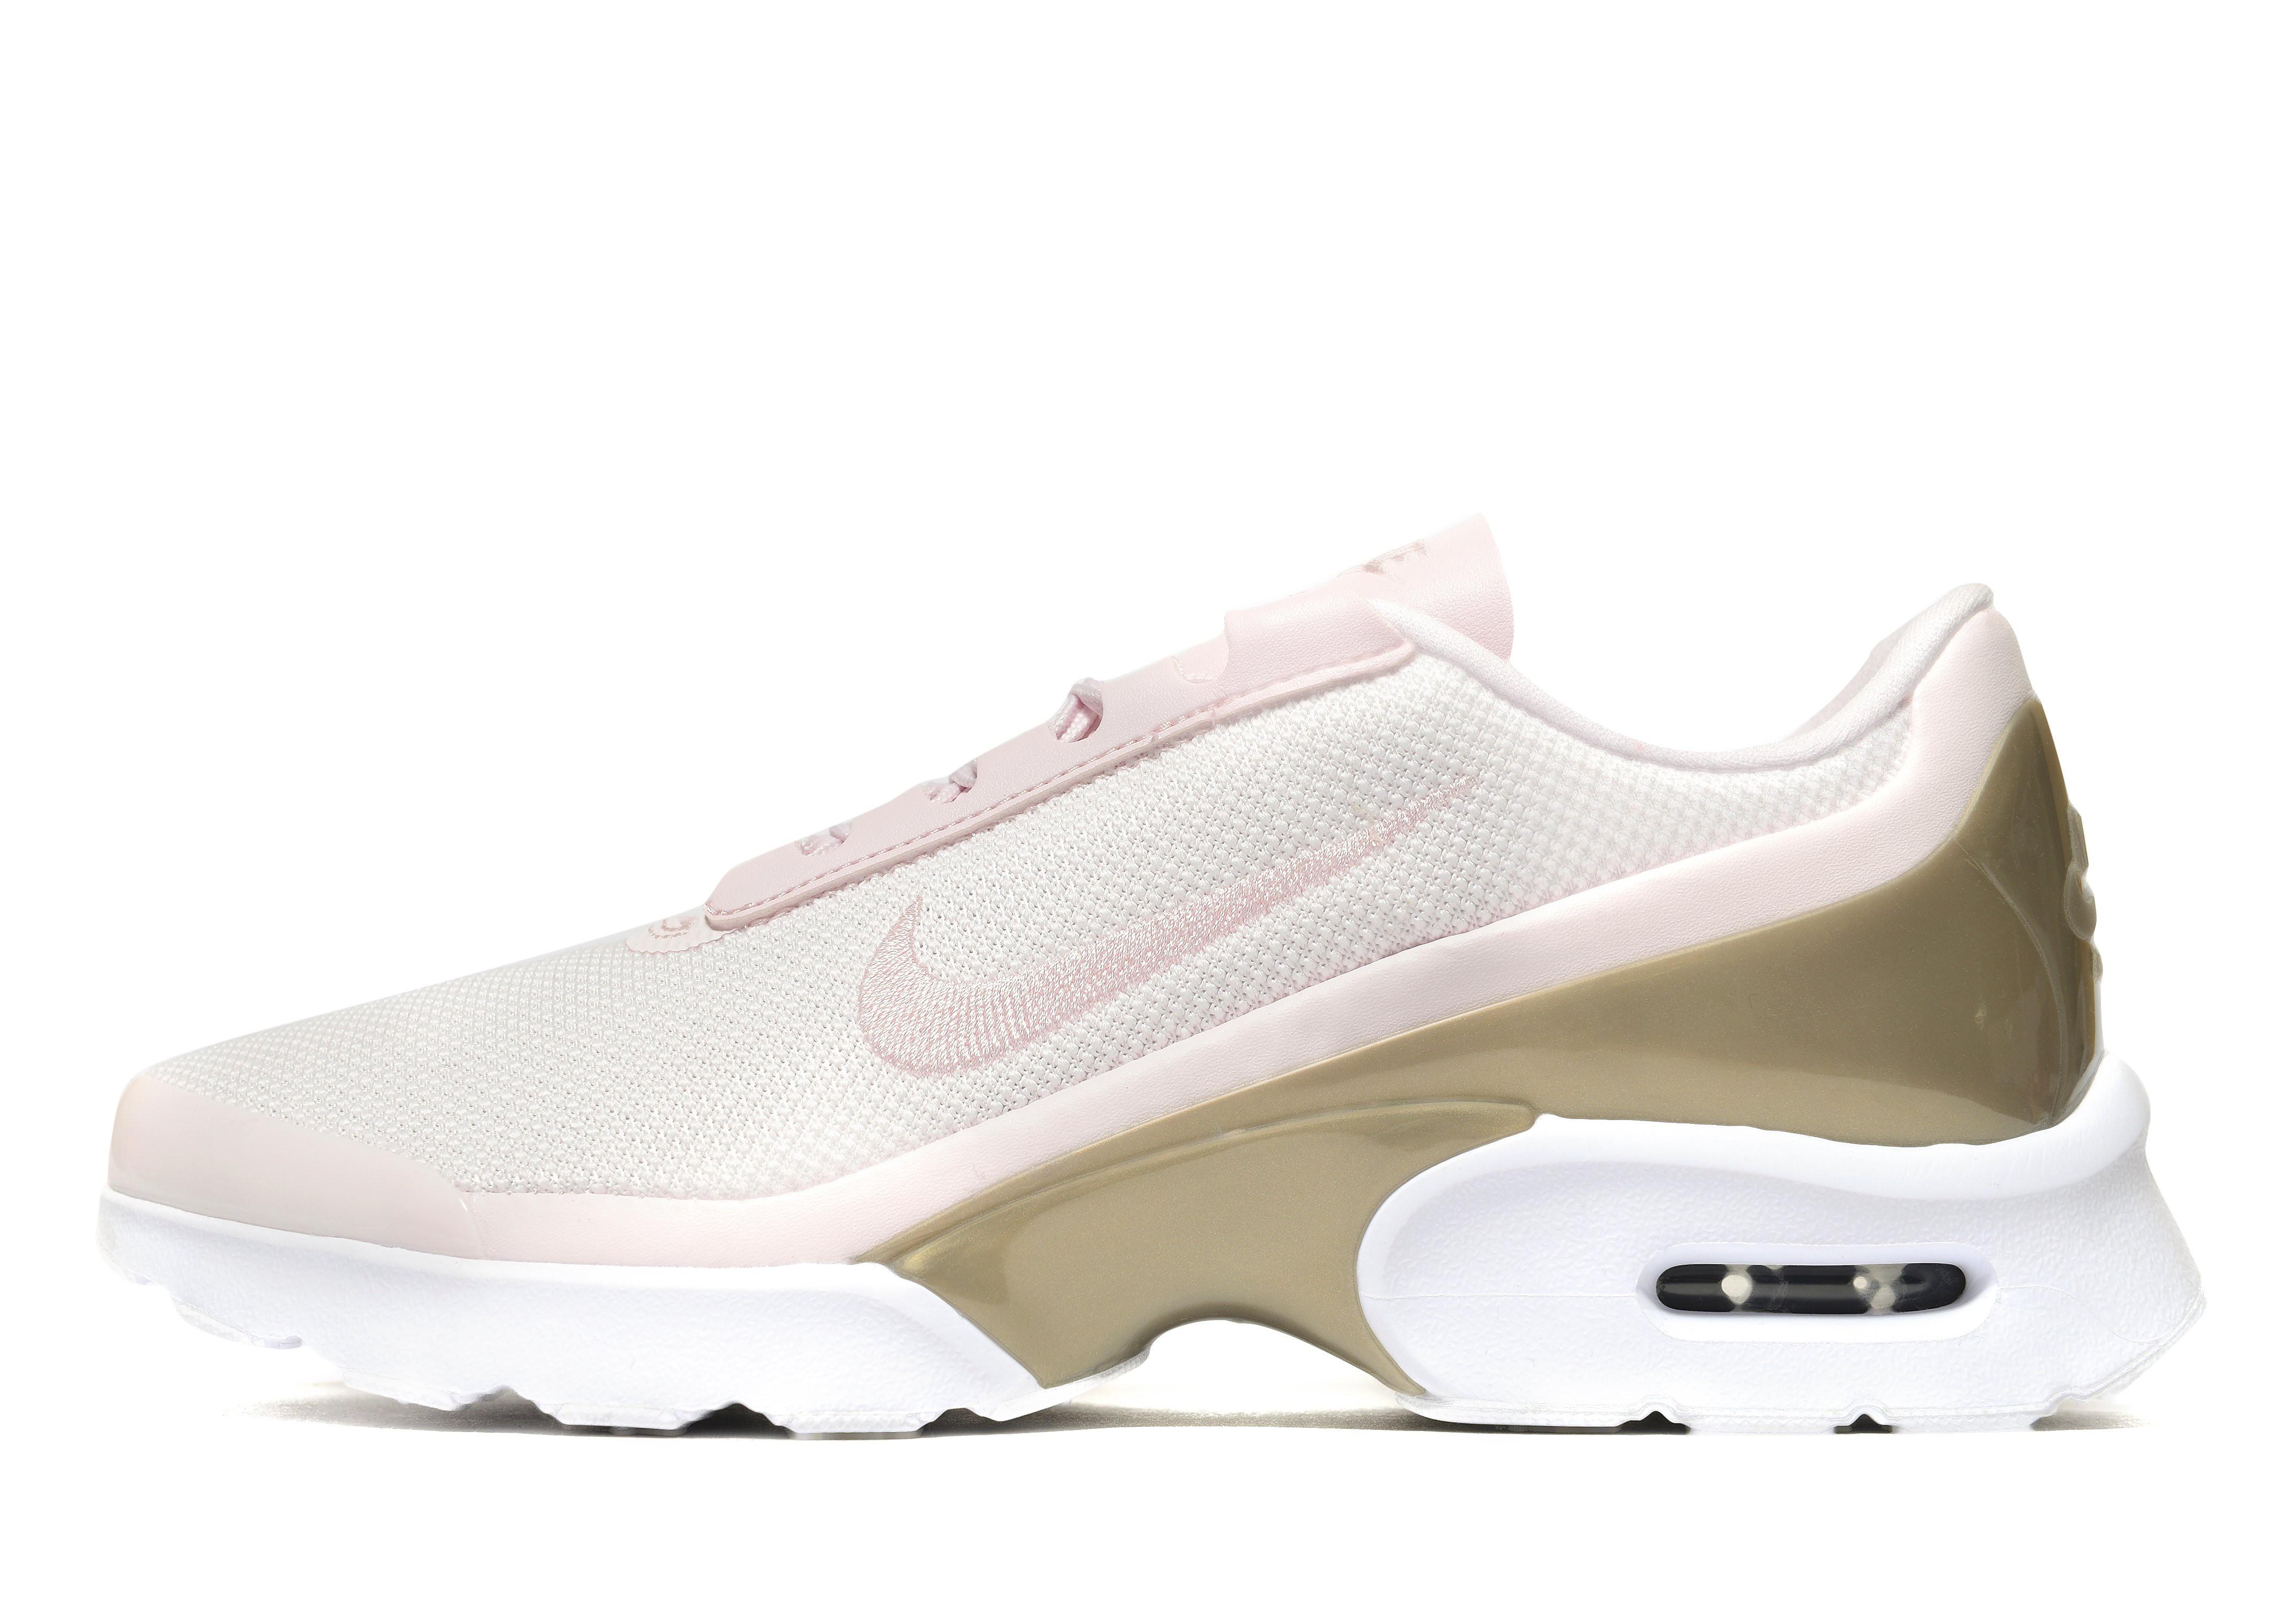 Nike Air Max Jewell Premium Women's